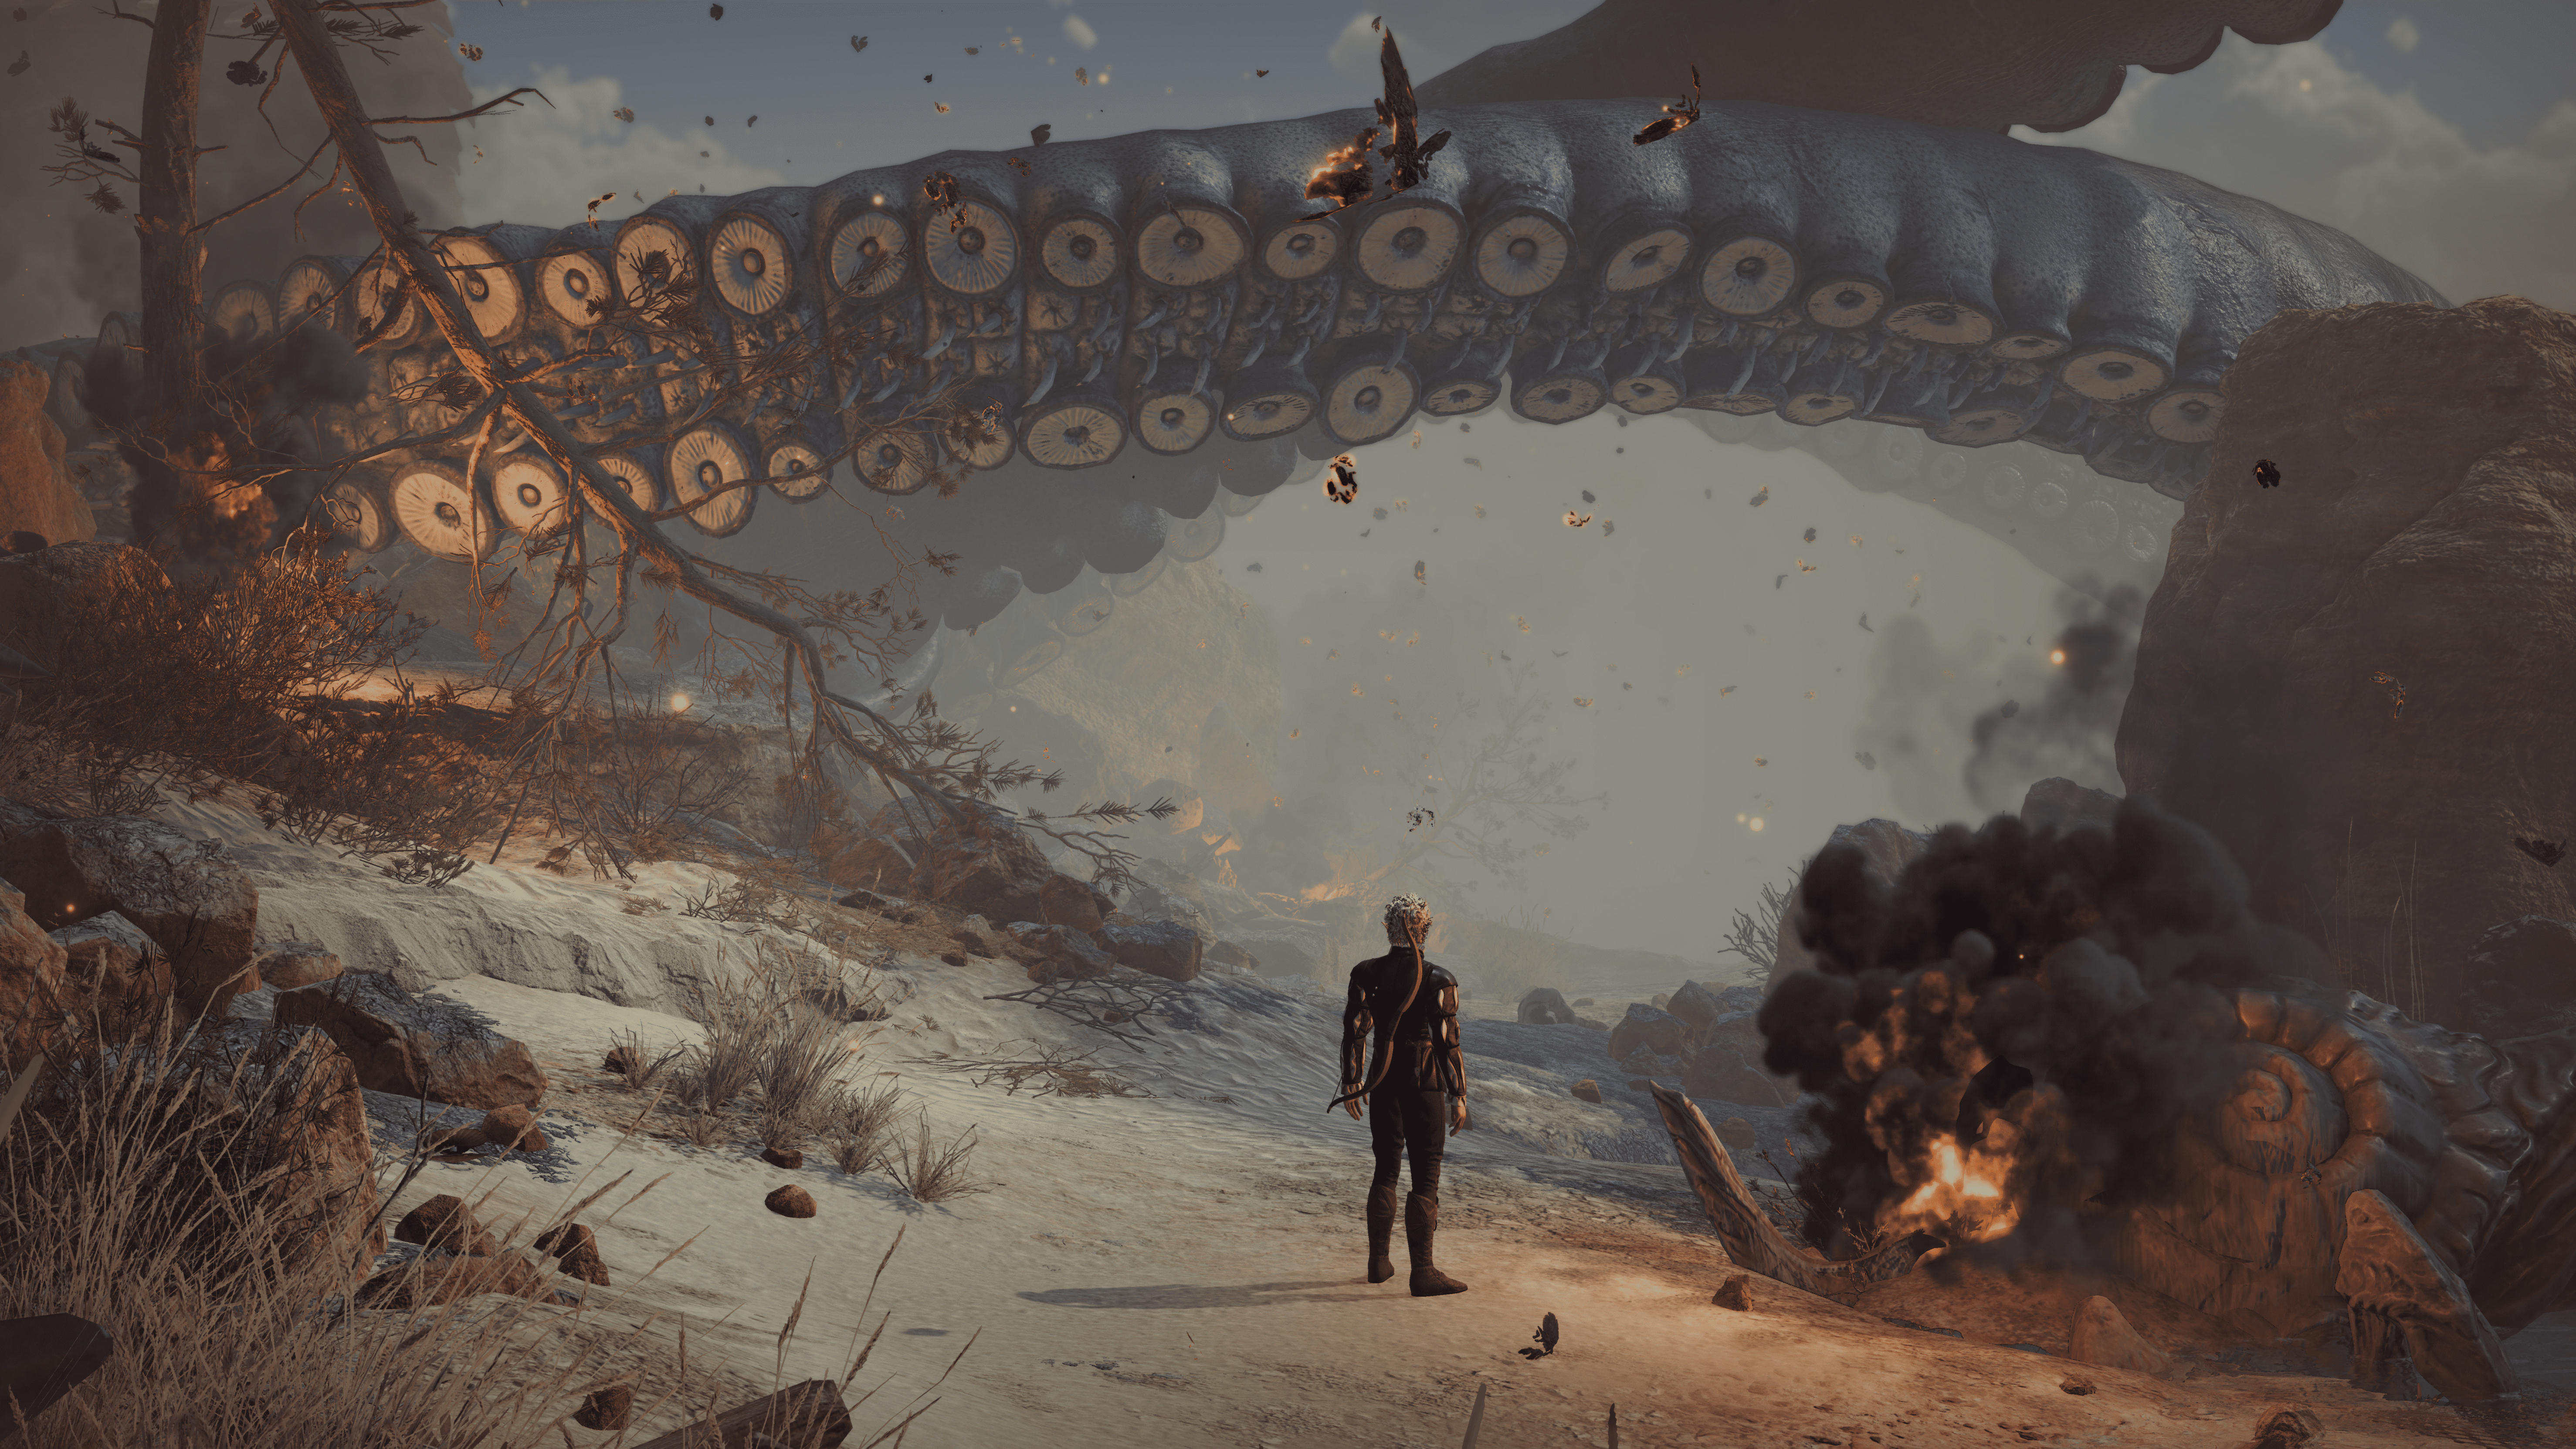 Романсы, мультиплеер и 100 часов геймплея — еще немного деталей Baldur's Gate 3